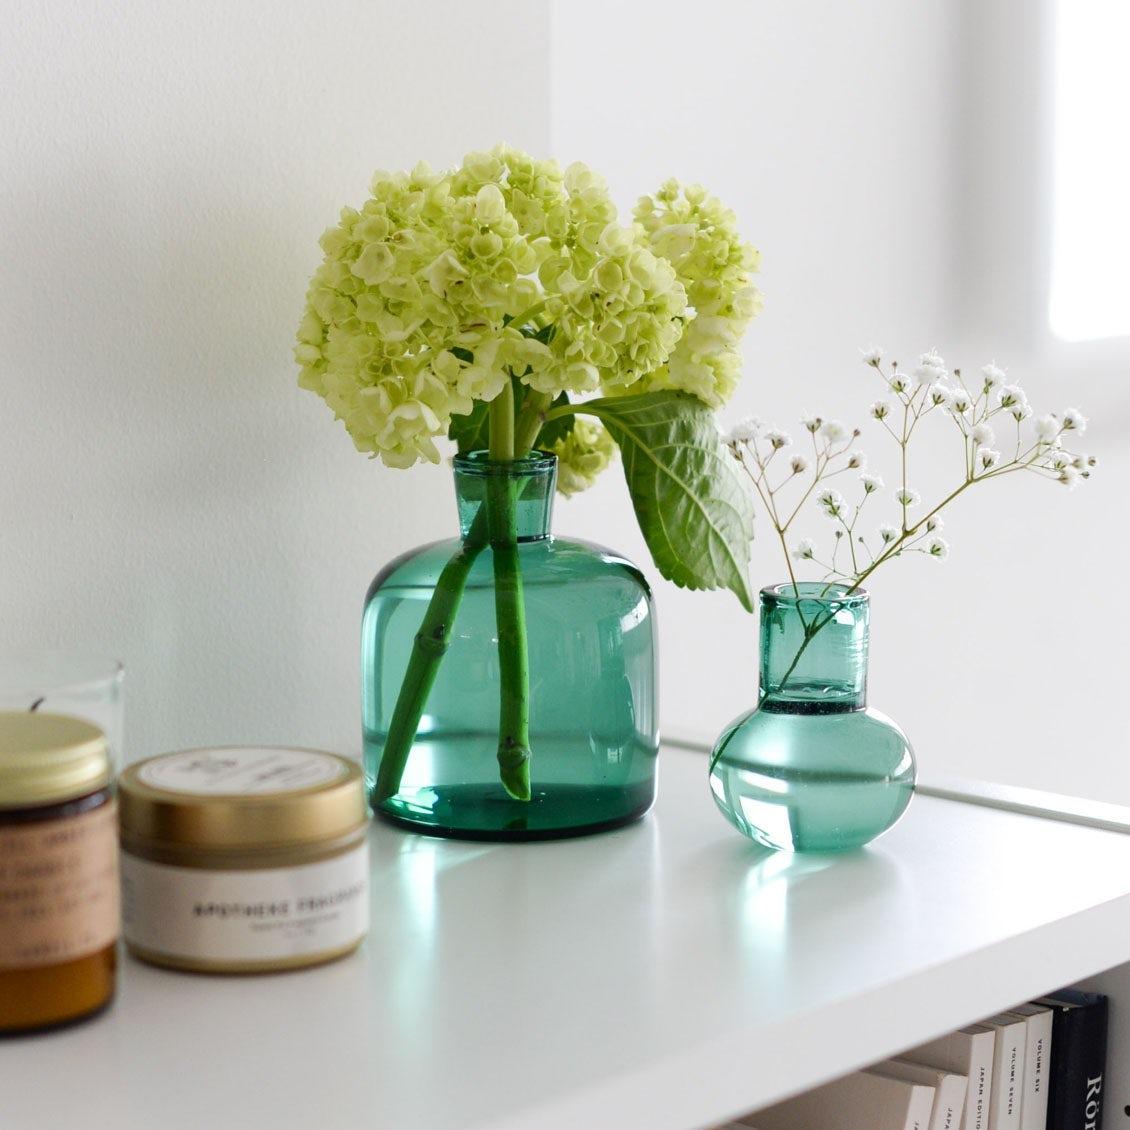 【新商品】作家さんが一つひとつ吹いて作った、思わず目を引くガラス花器の登場です。